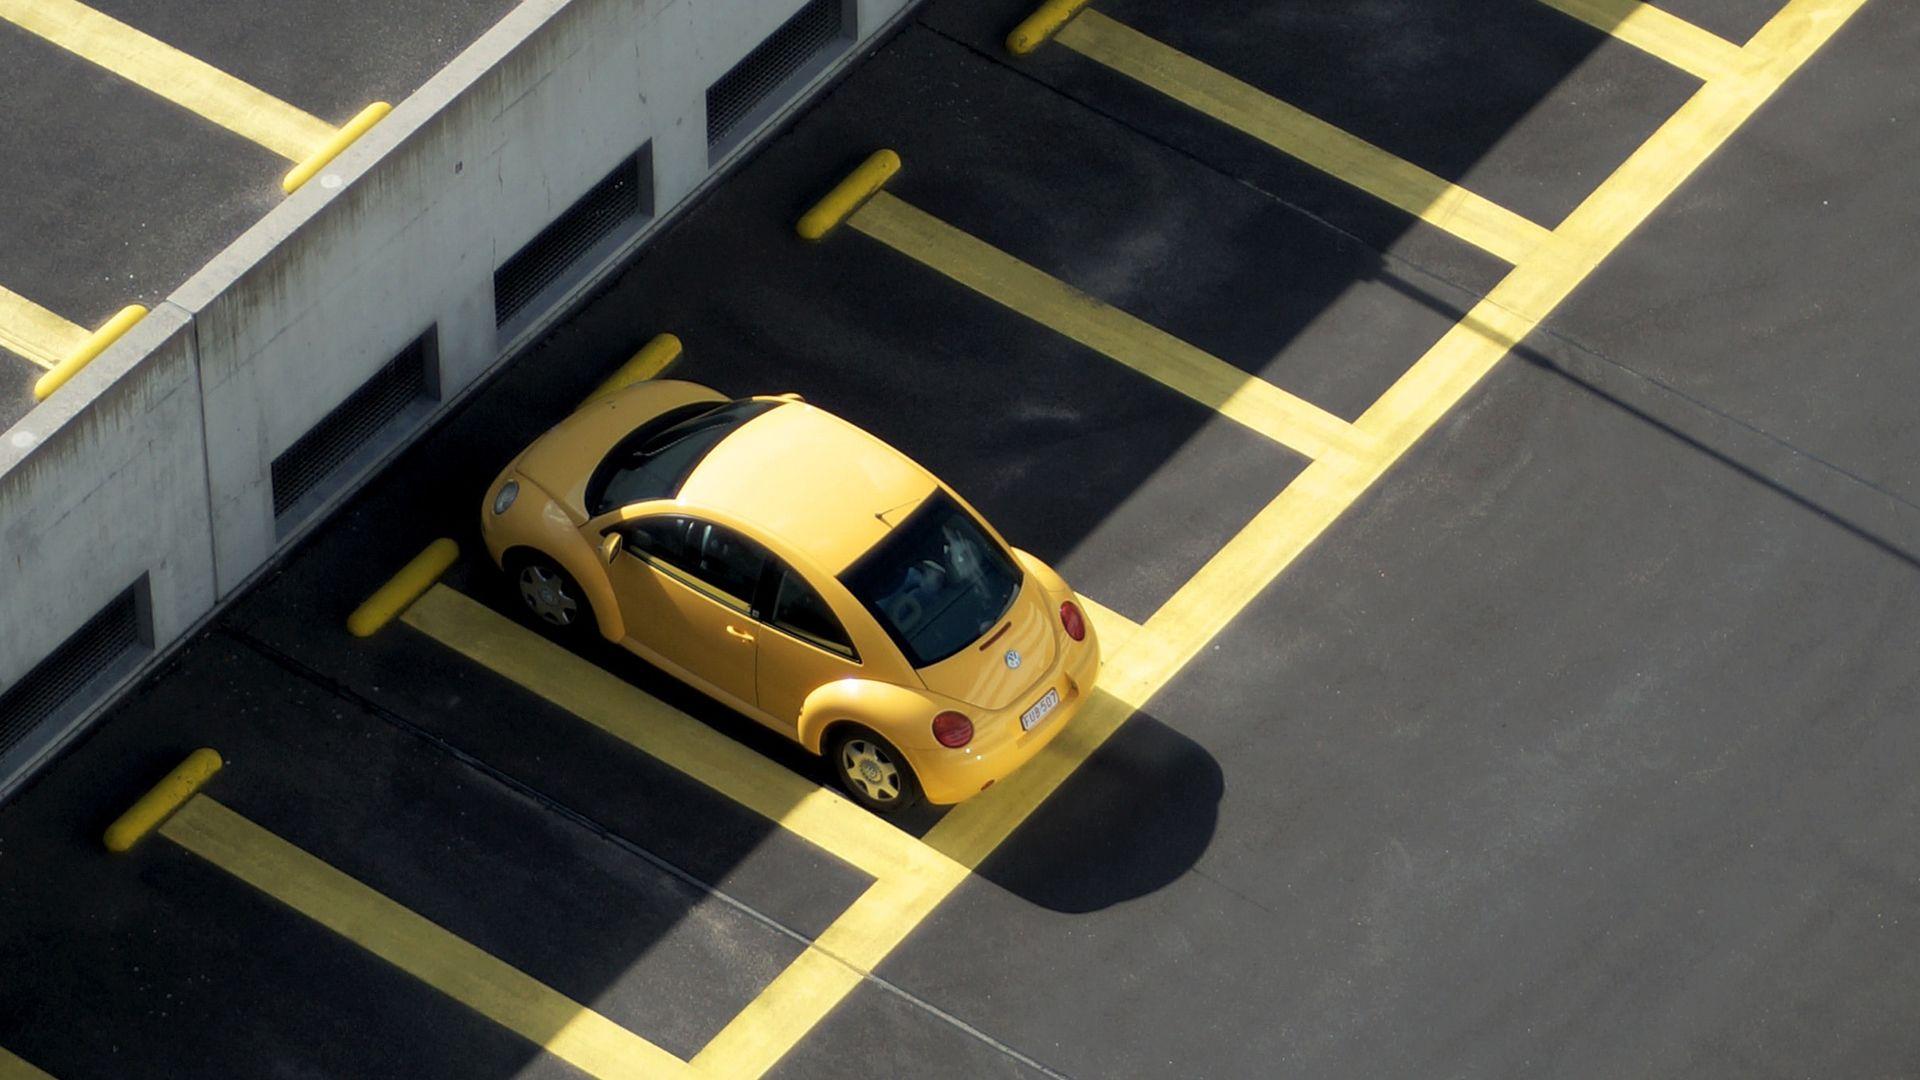 autó, parkoló, hőség, sárga bogár